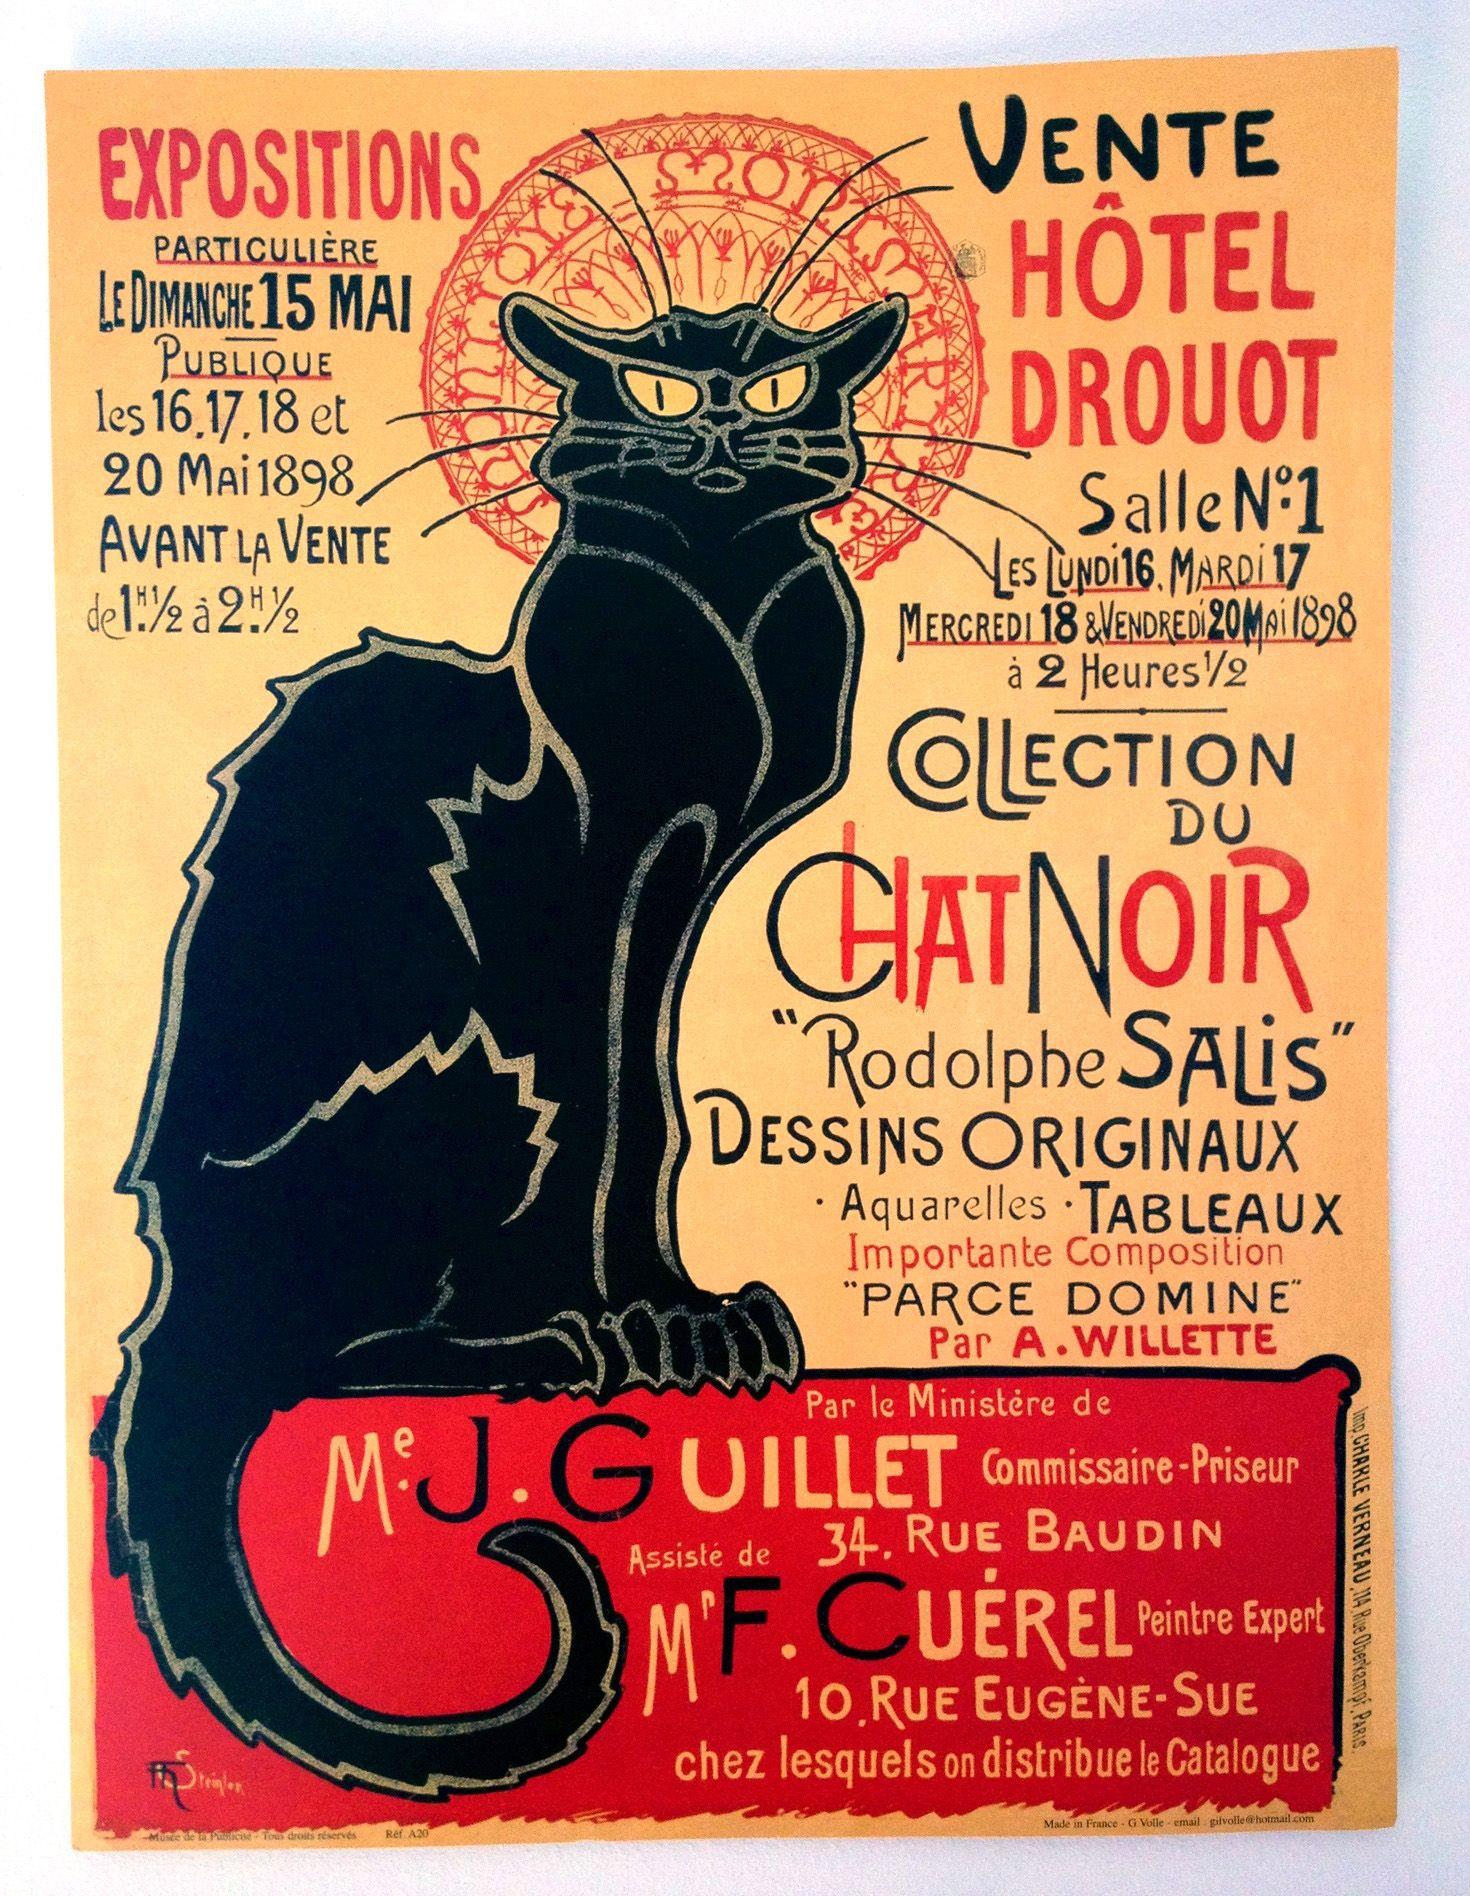 Exposition du Chat Noir 1898 | Carteles y fotos antiguas | Pinterest ...